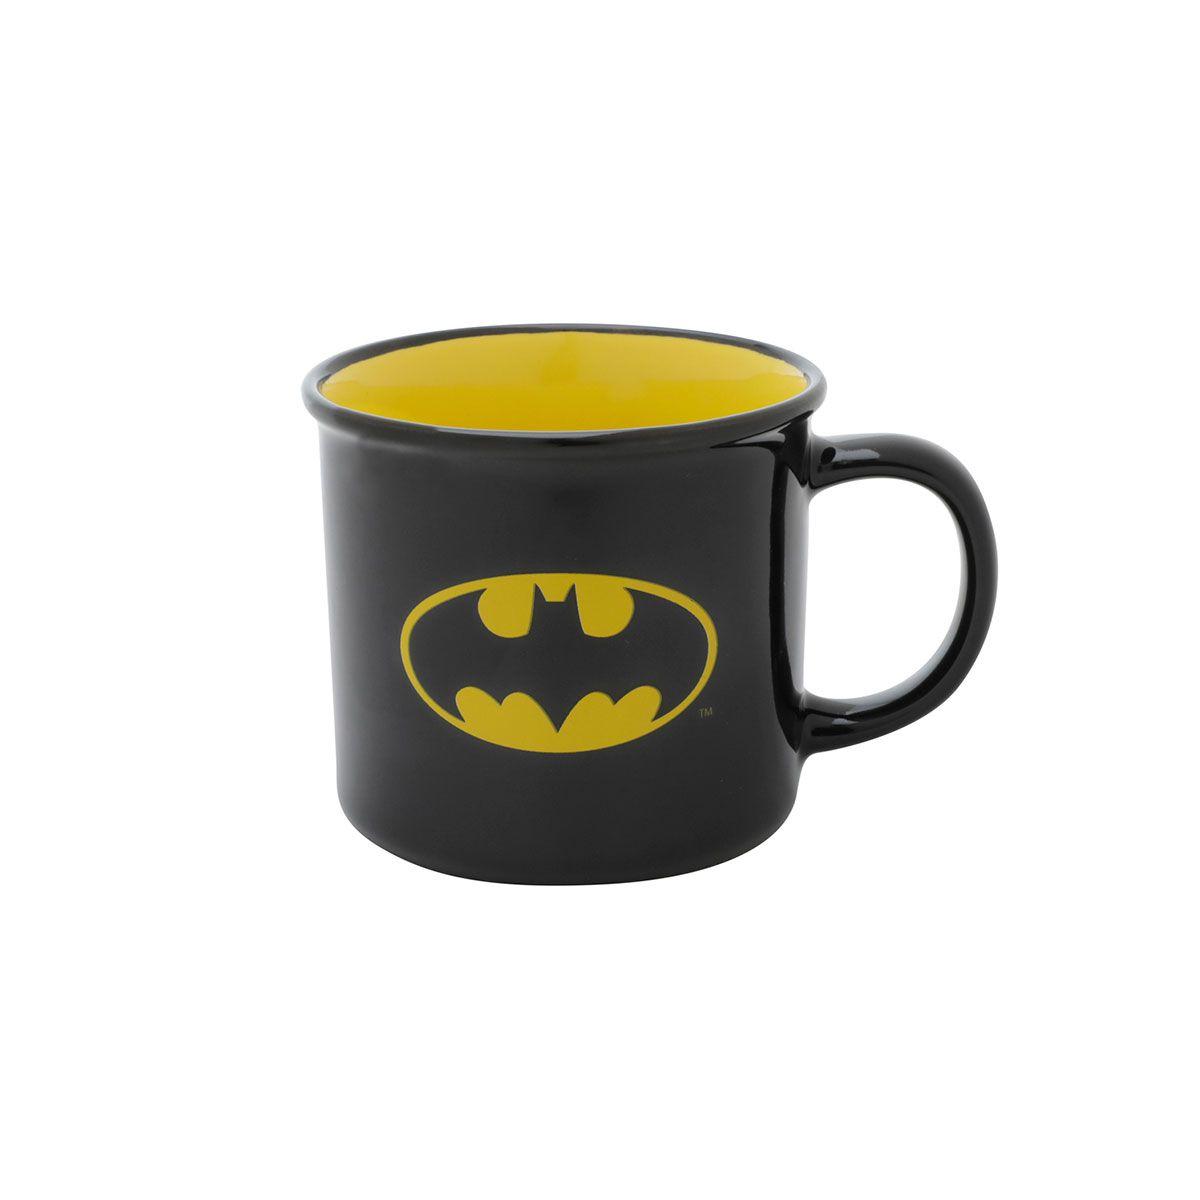 Caneca de Porcelana Batman Logo Preto Amarelo